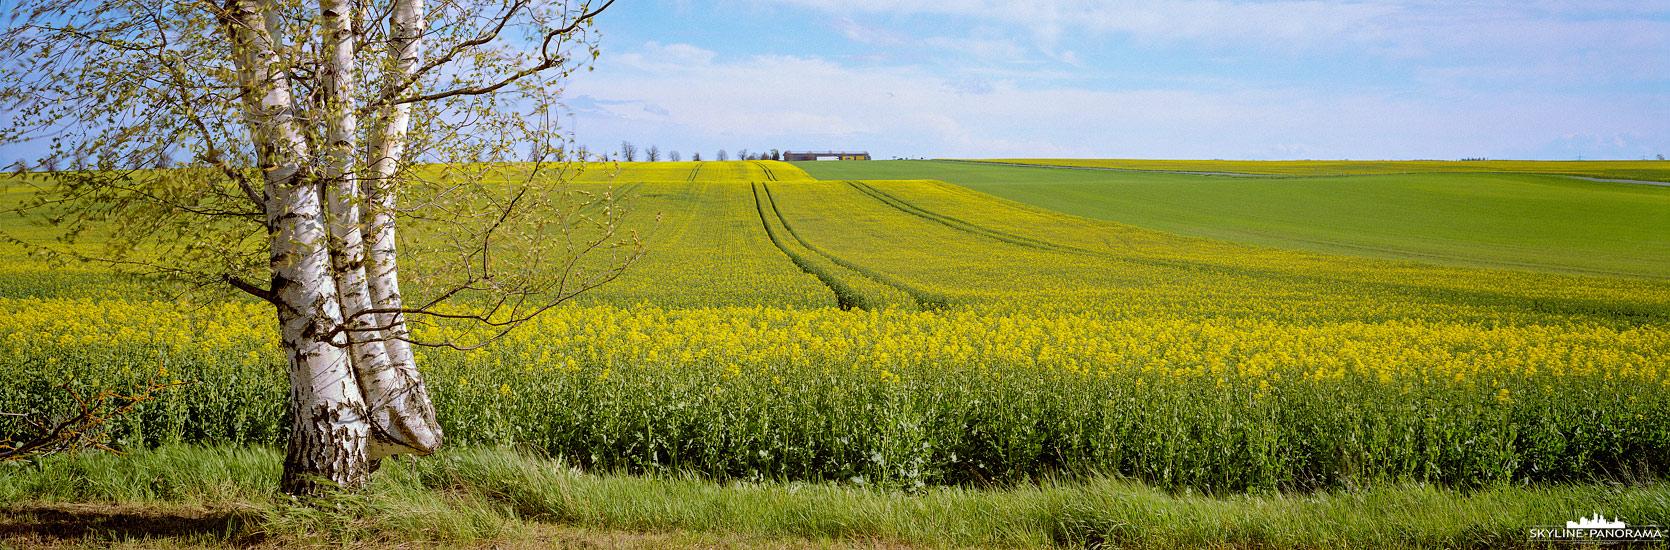 Landschaft in Mitteldeutschland - Panorama mit einer Birke als Hauptmotiv die am Rand eines blühenden Rapsfeldes steht.